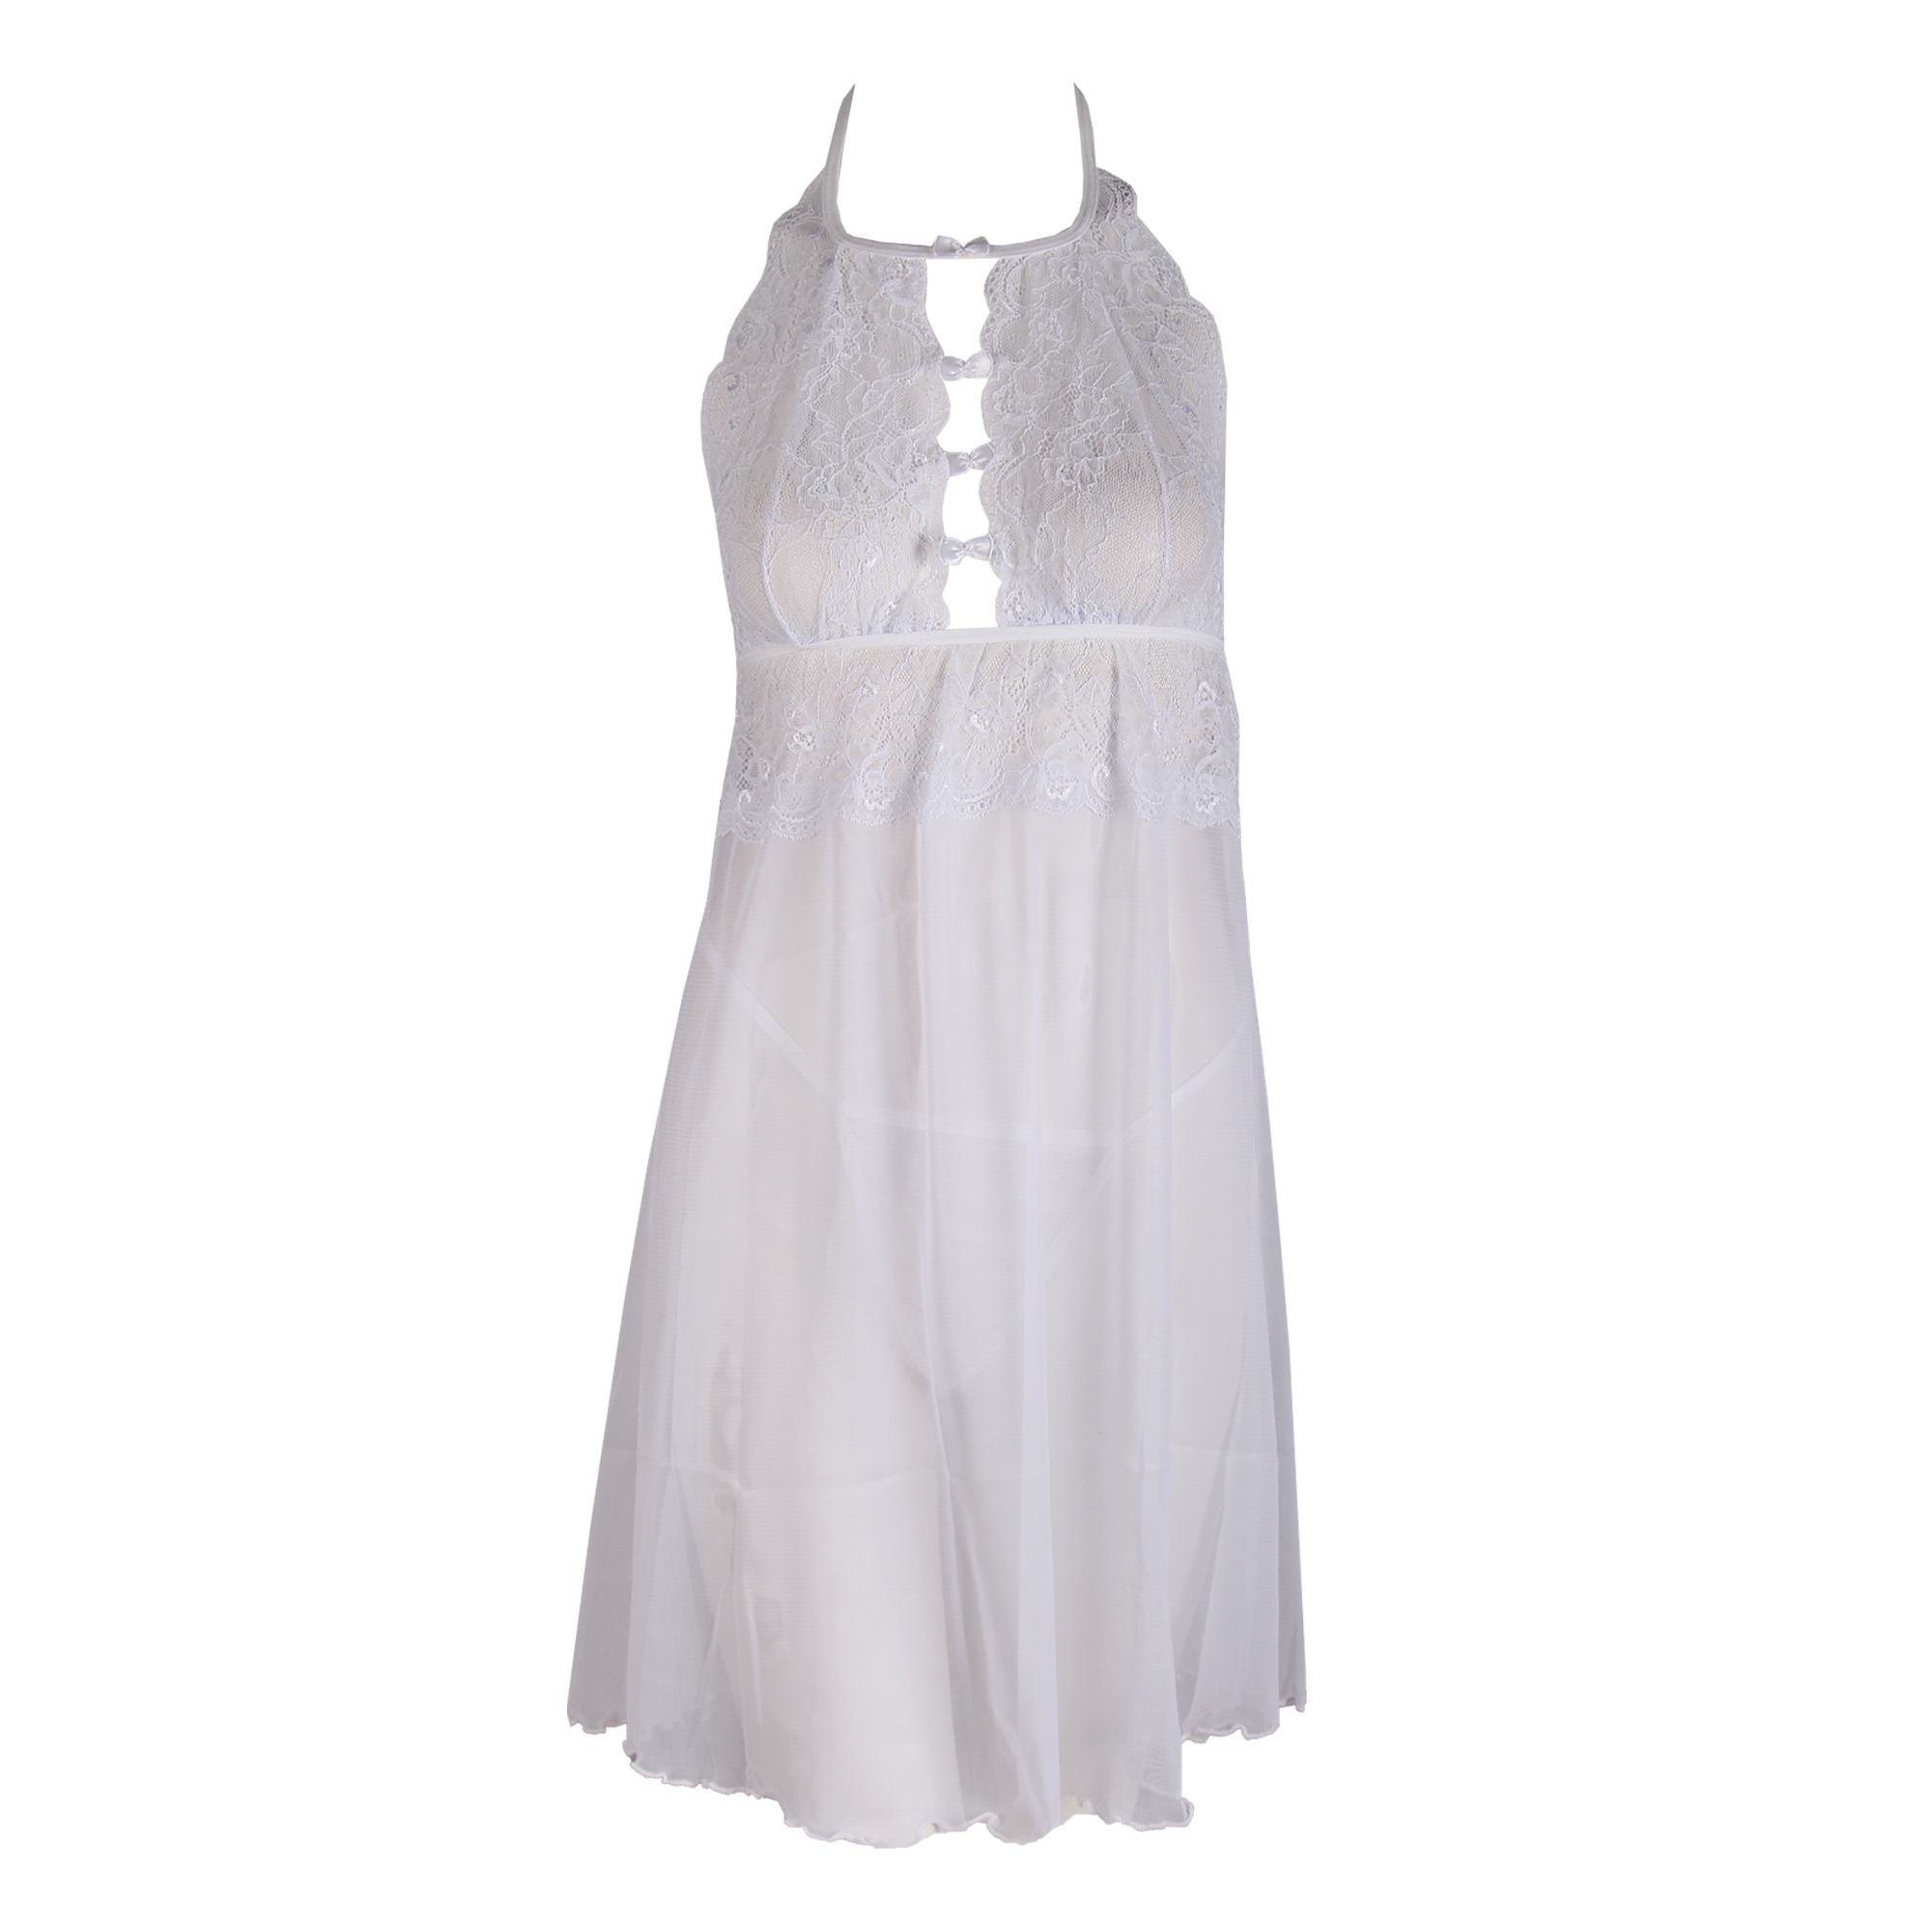 لباس خواب زنانه دانتل سفید